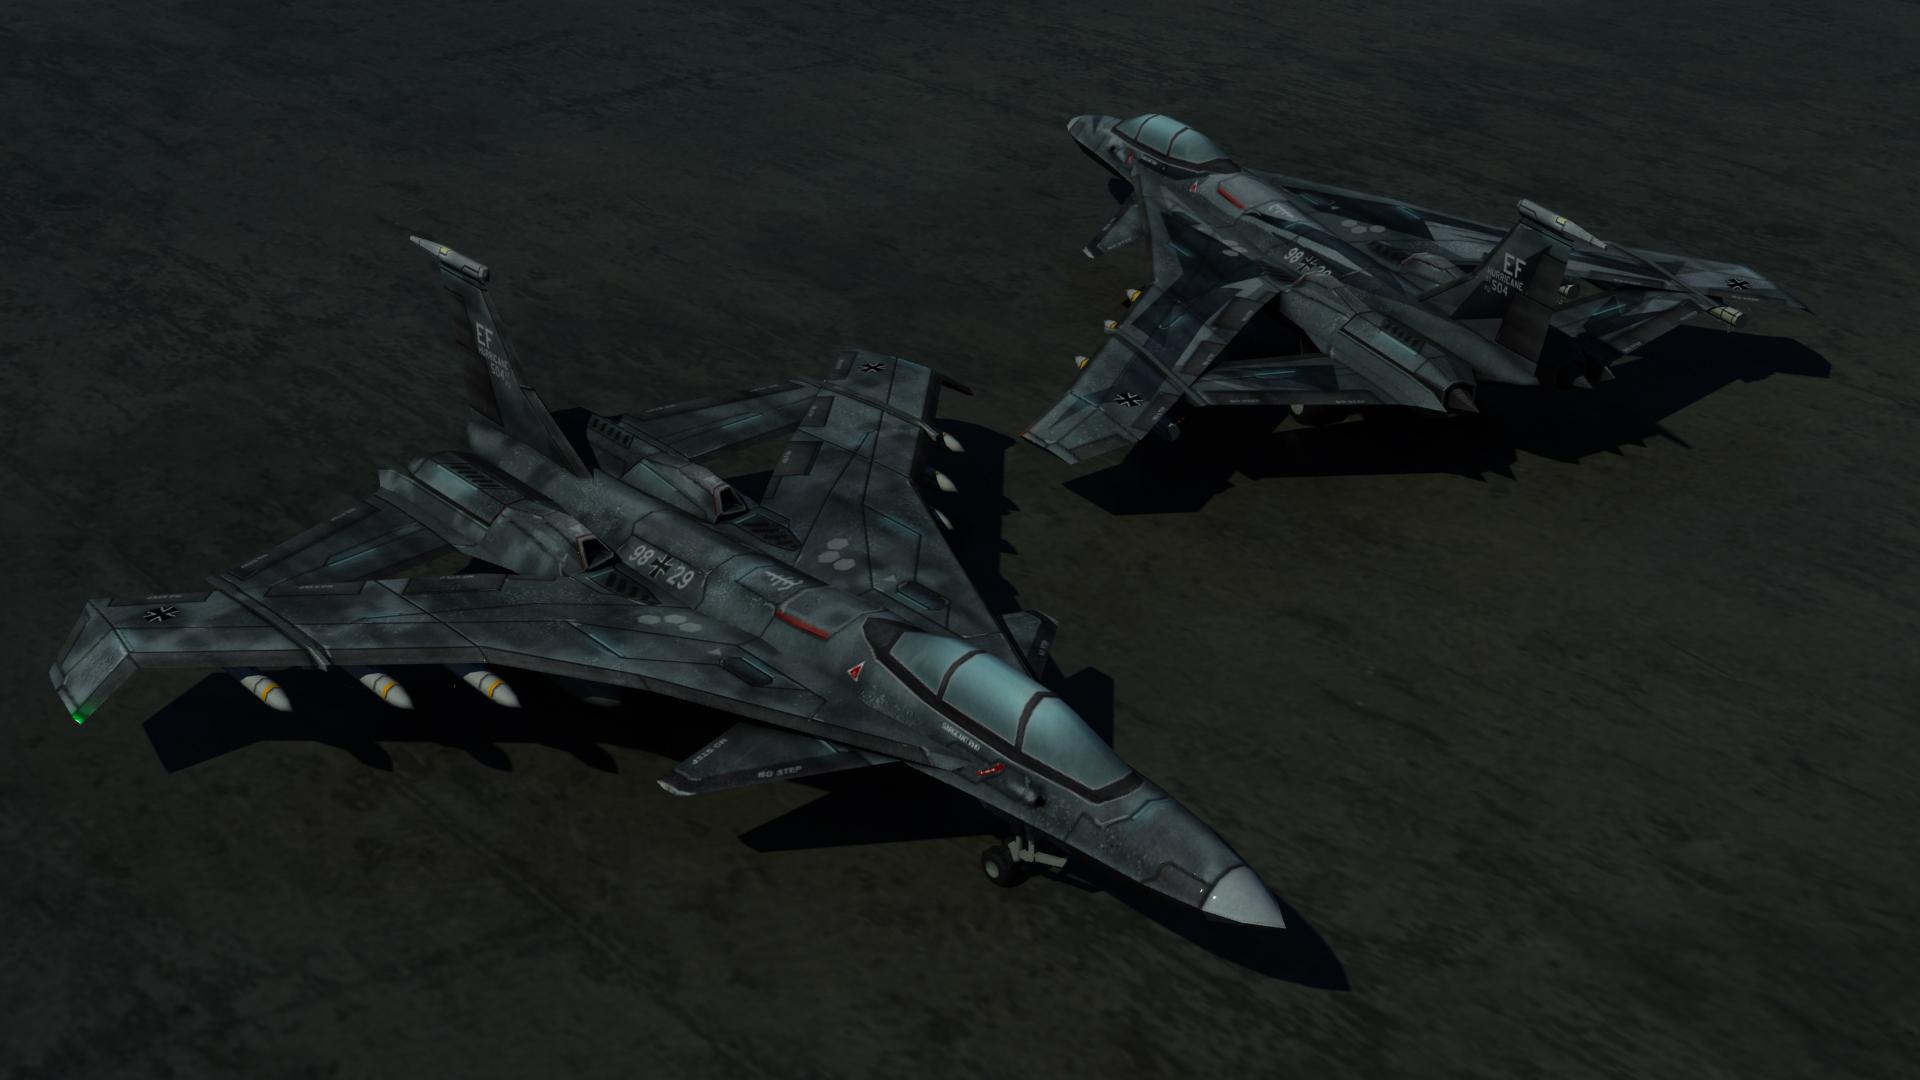 eurofighter_3000_hurricane_by_helge129-d68q1hf.jpg